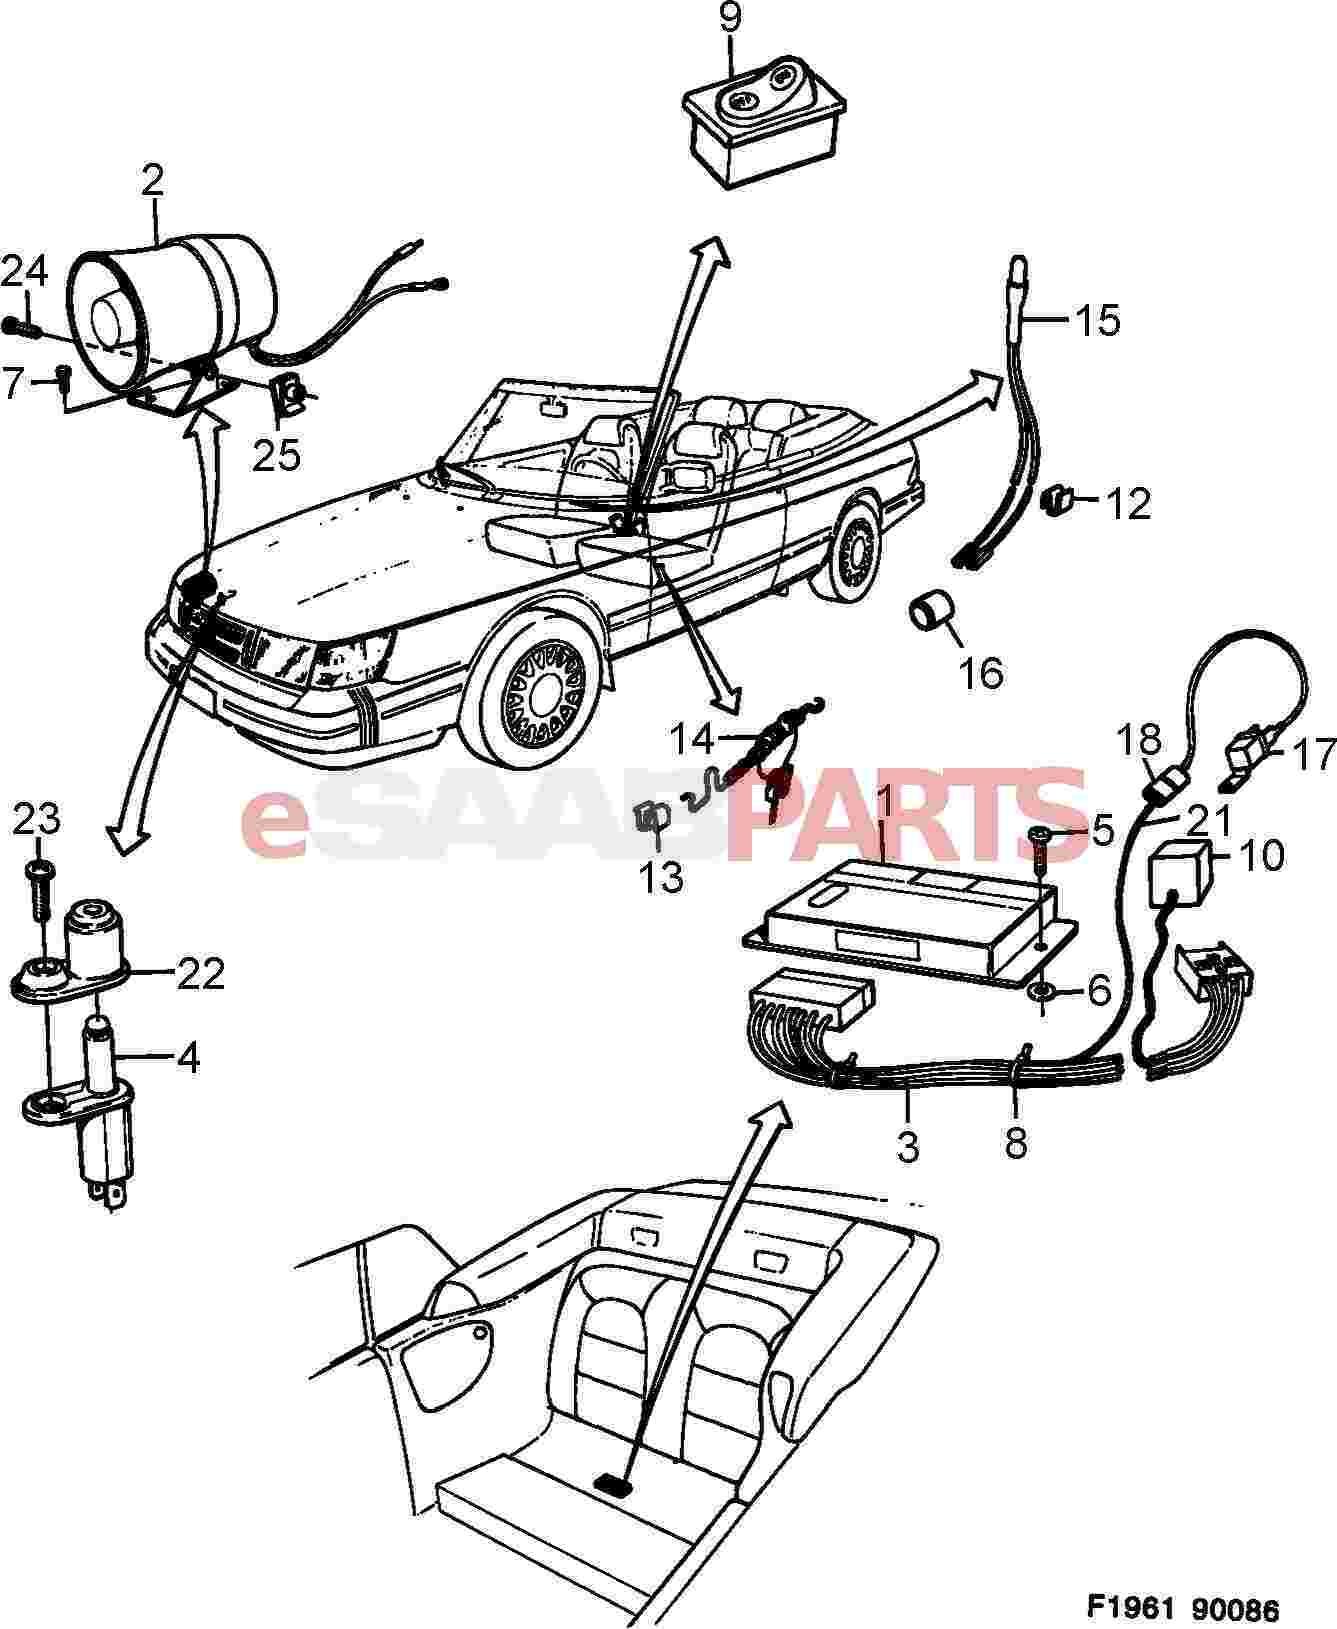 saab 9 3 wiring diagram book